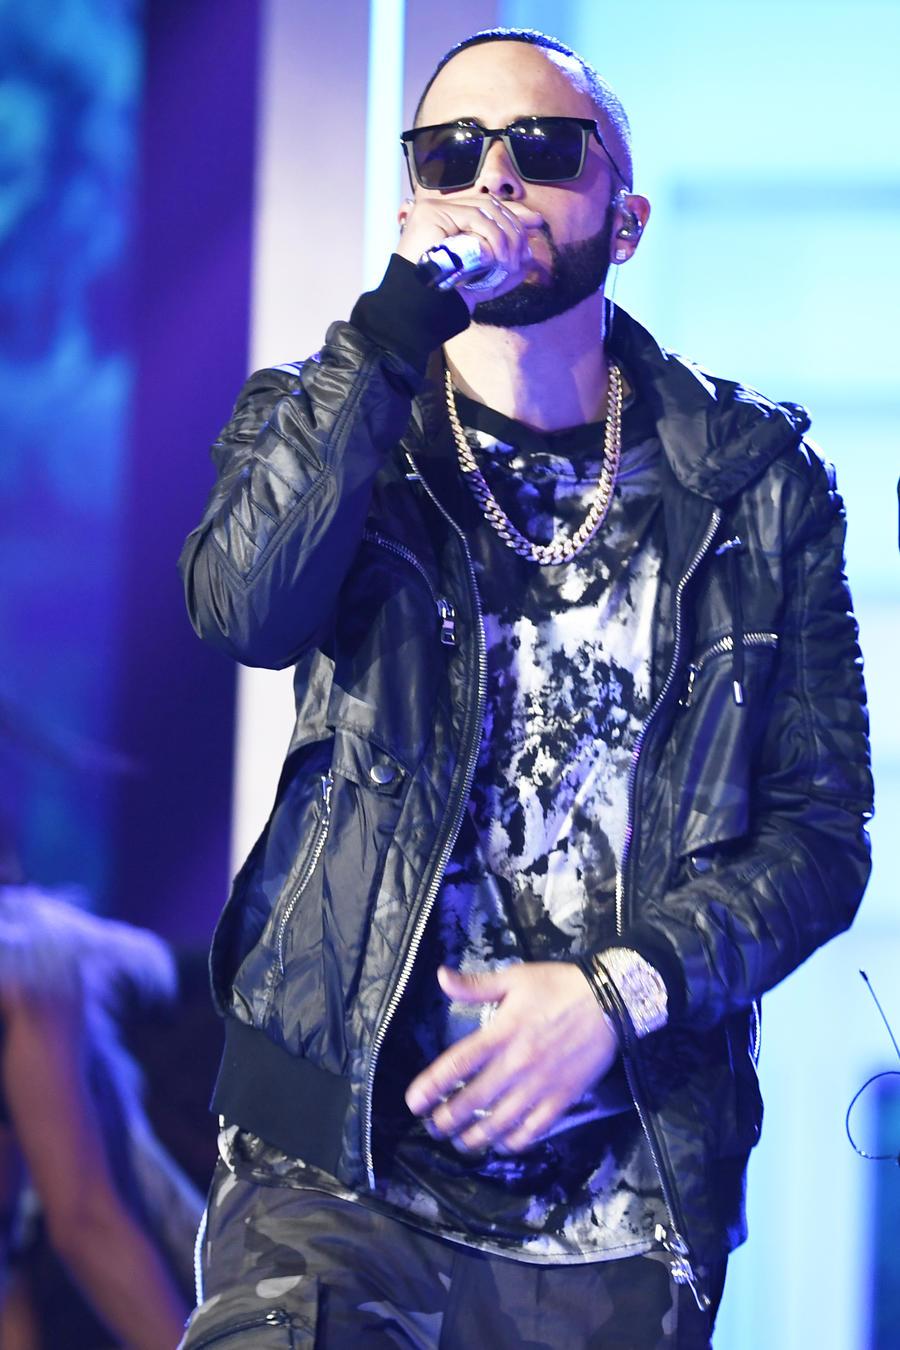 Wisin y Yandel en los ensayos de Premios Billboard 2019